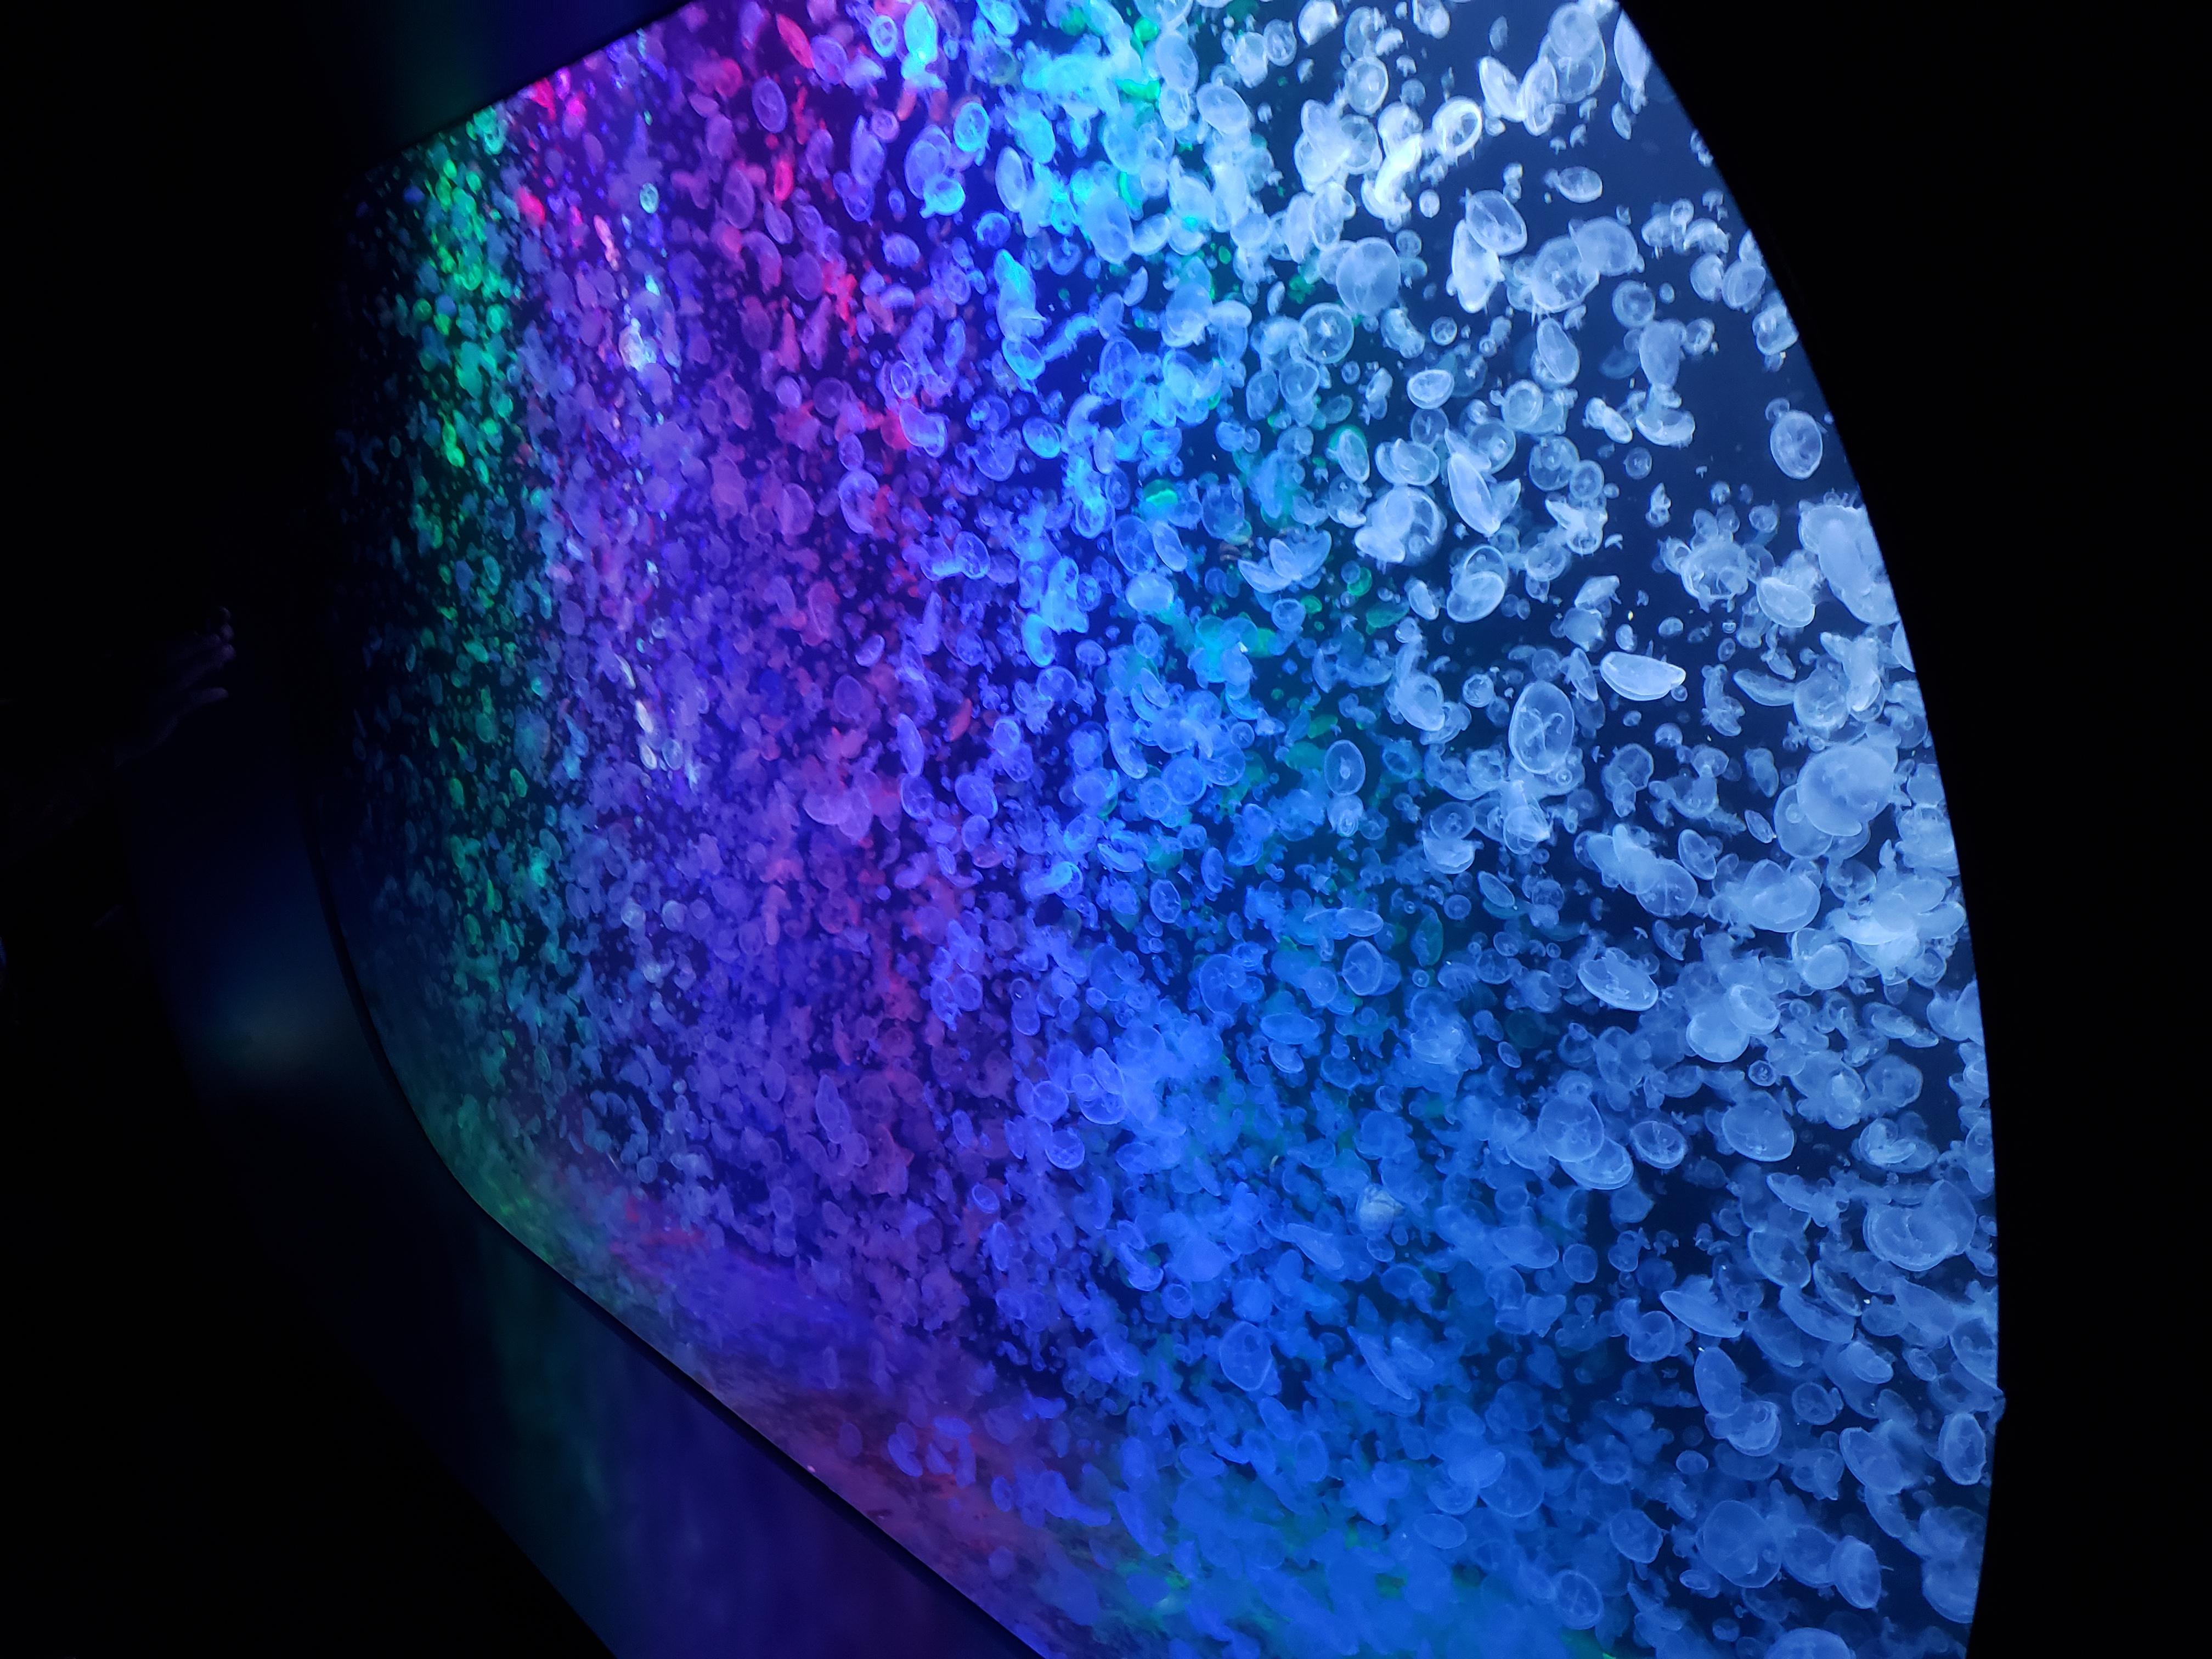 加茂水族館のライトアップされたクラゲ